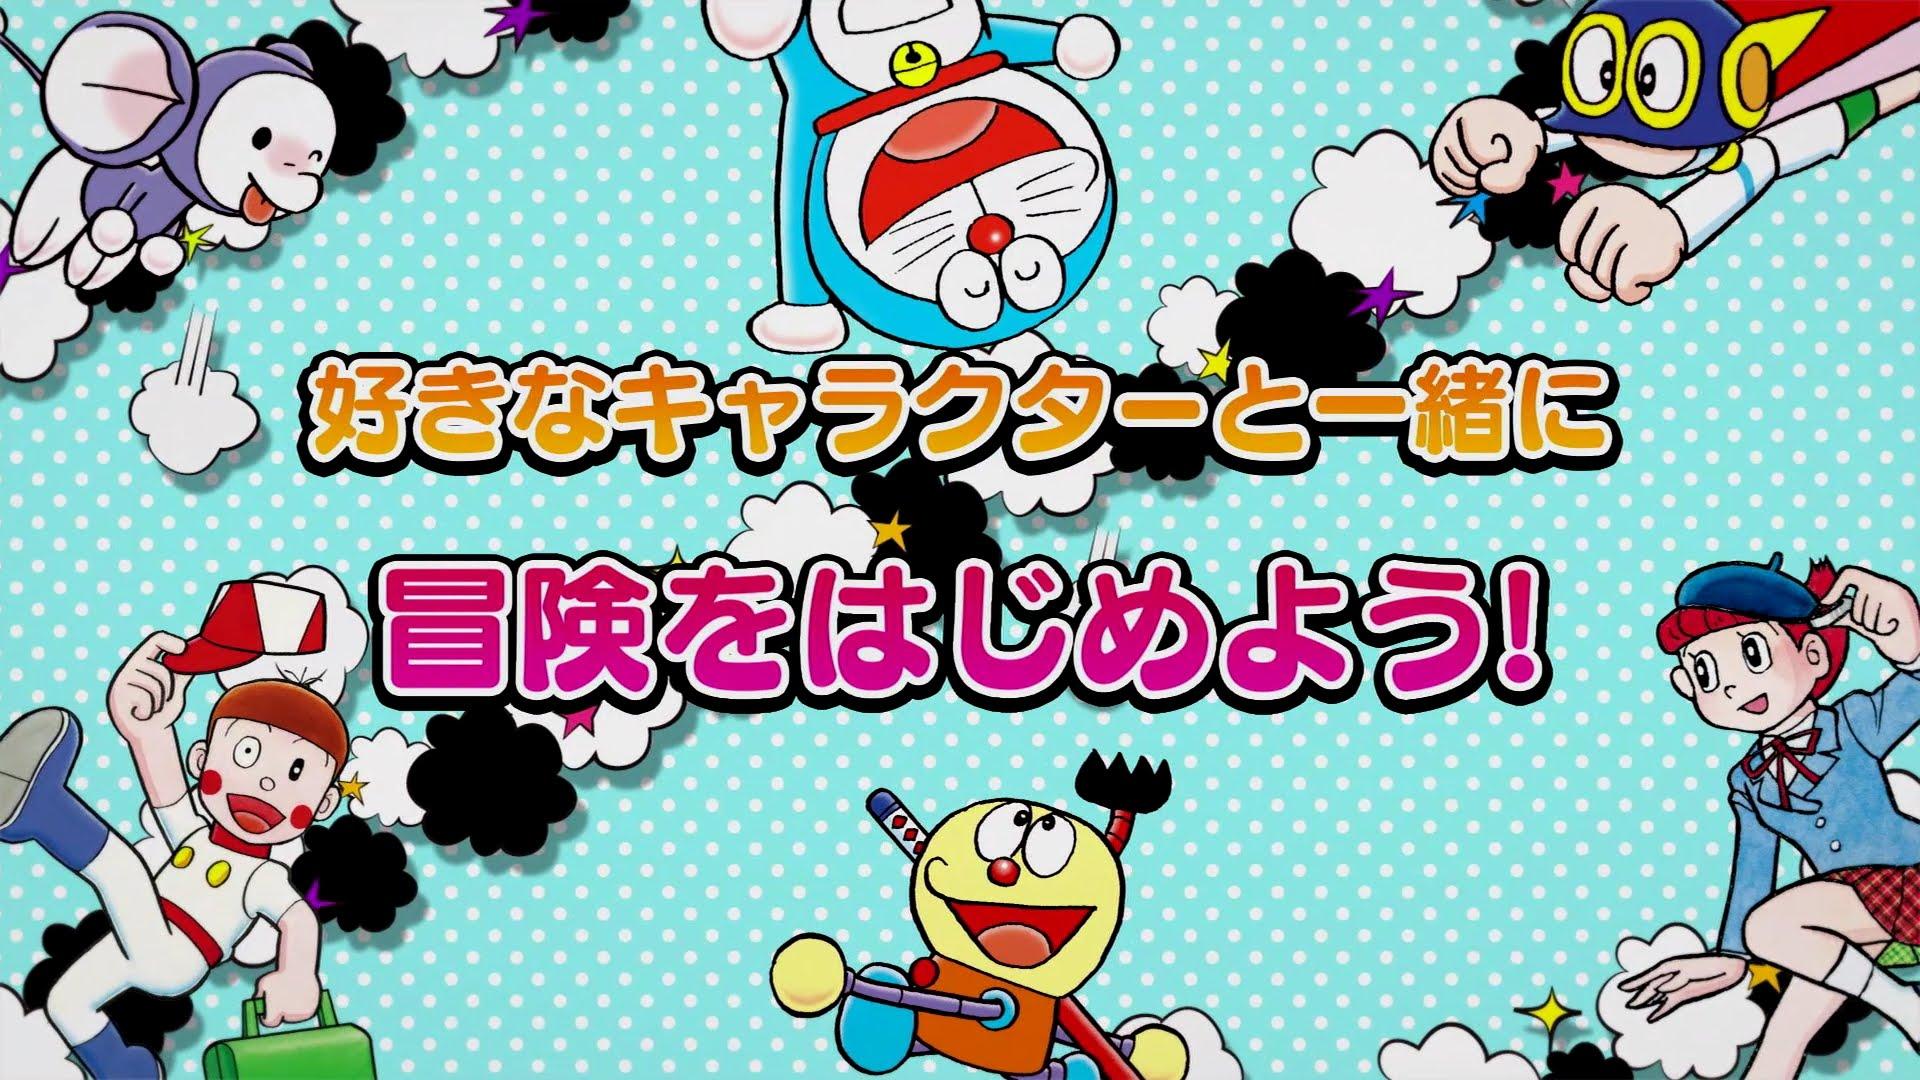 『藤子・F・不二雄キャラクターズ 大集合!SFドタバタパーティー!!』公式サイトがリニューアルされPVが公開!